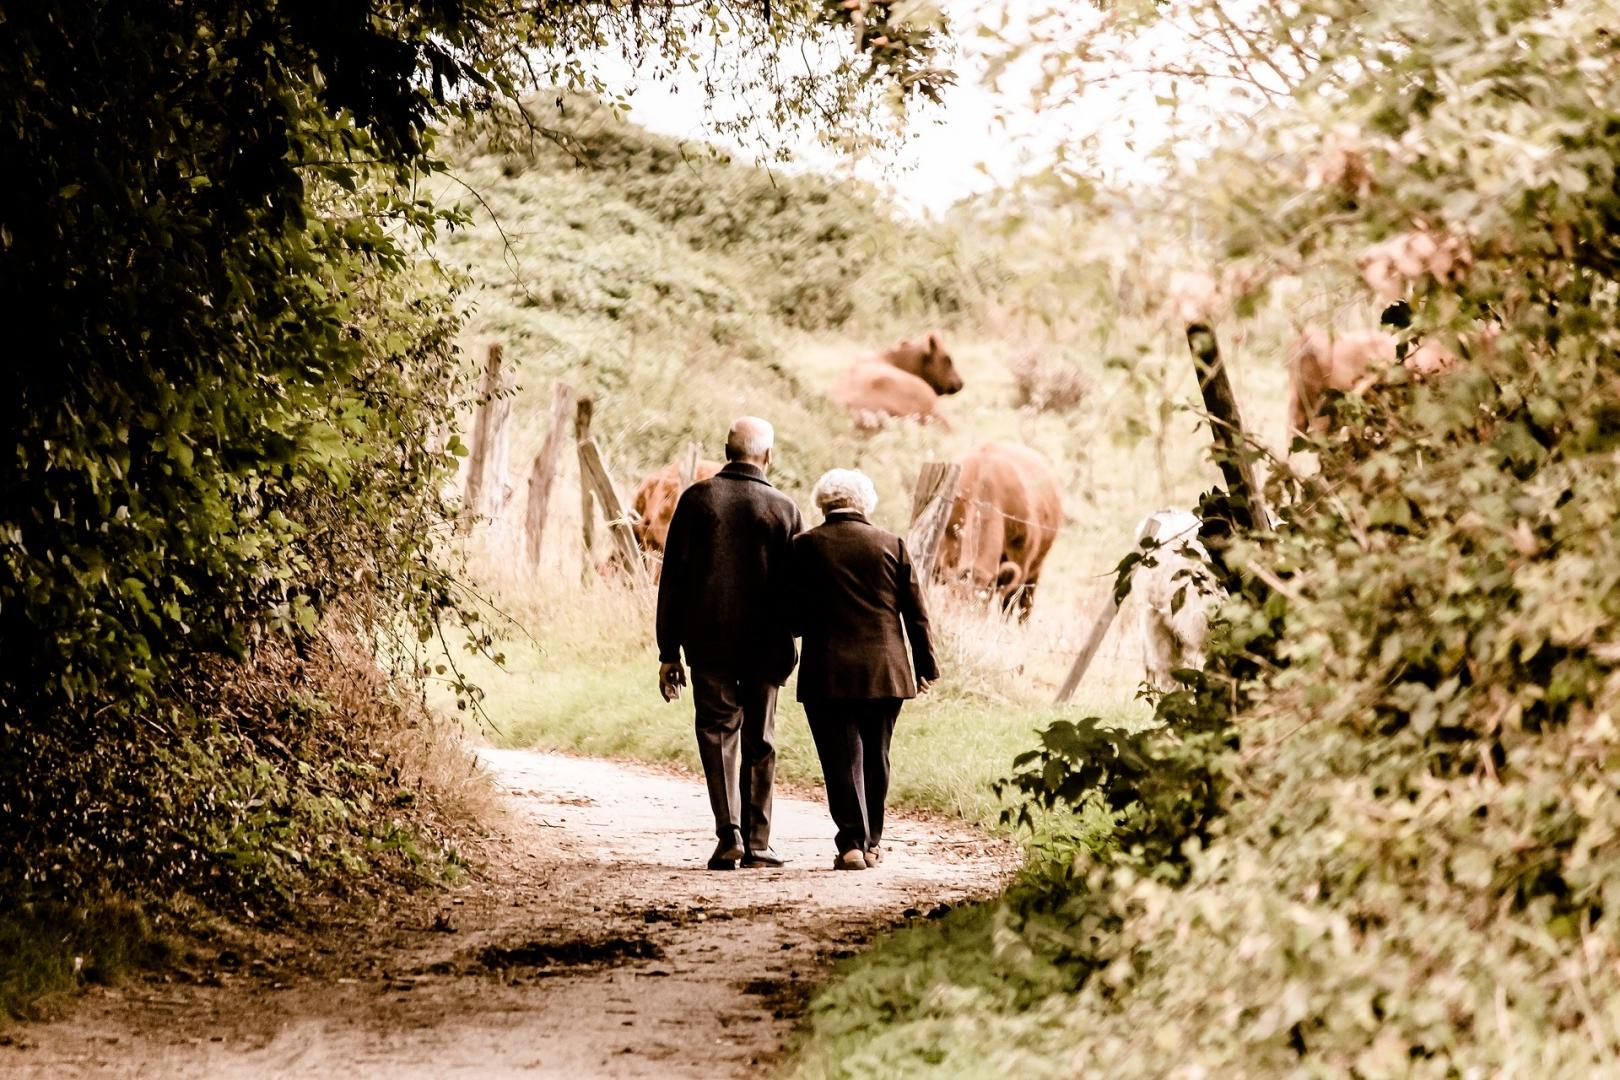 Число пожилых людей достигло рекордных показателей в Японии